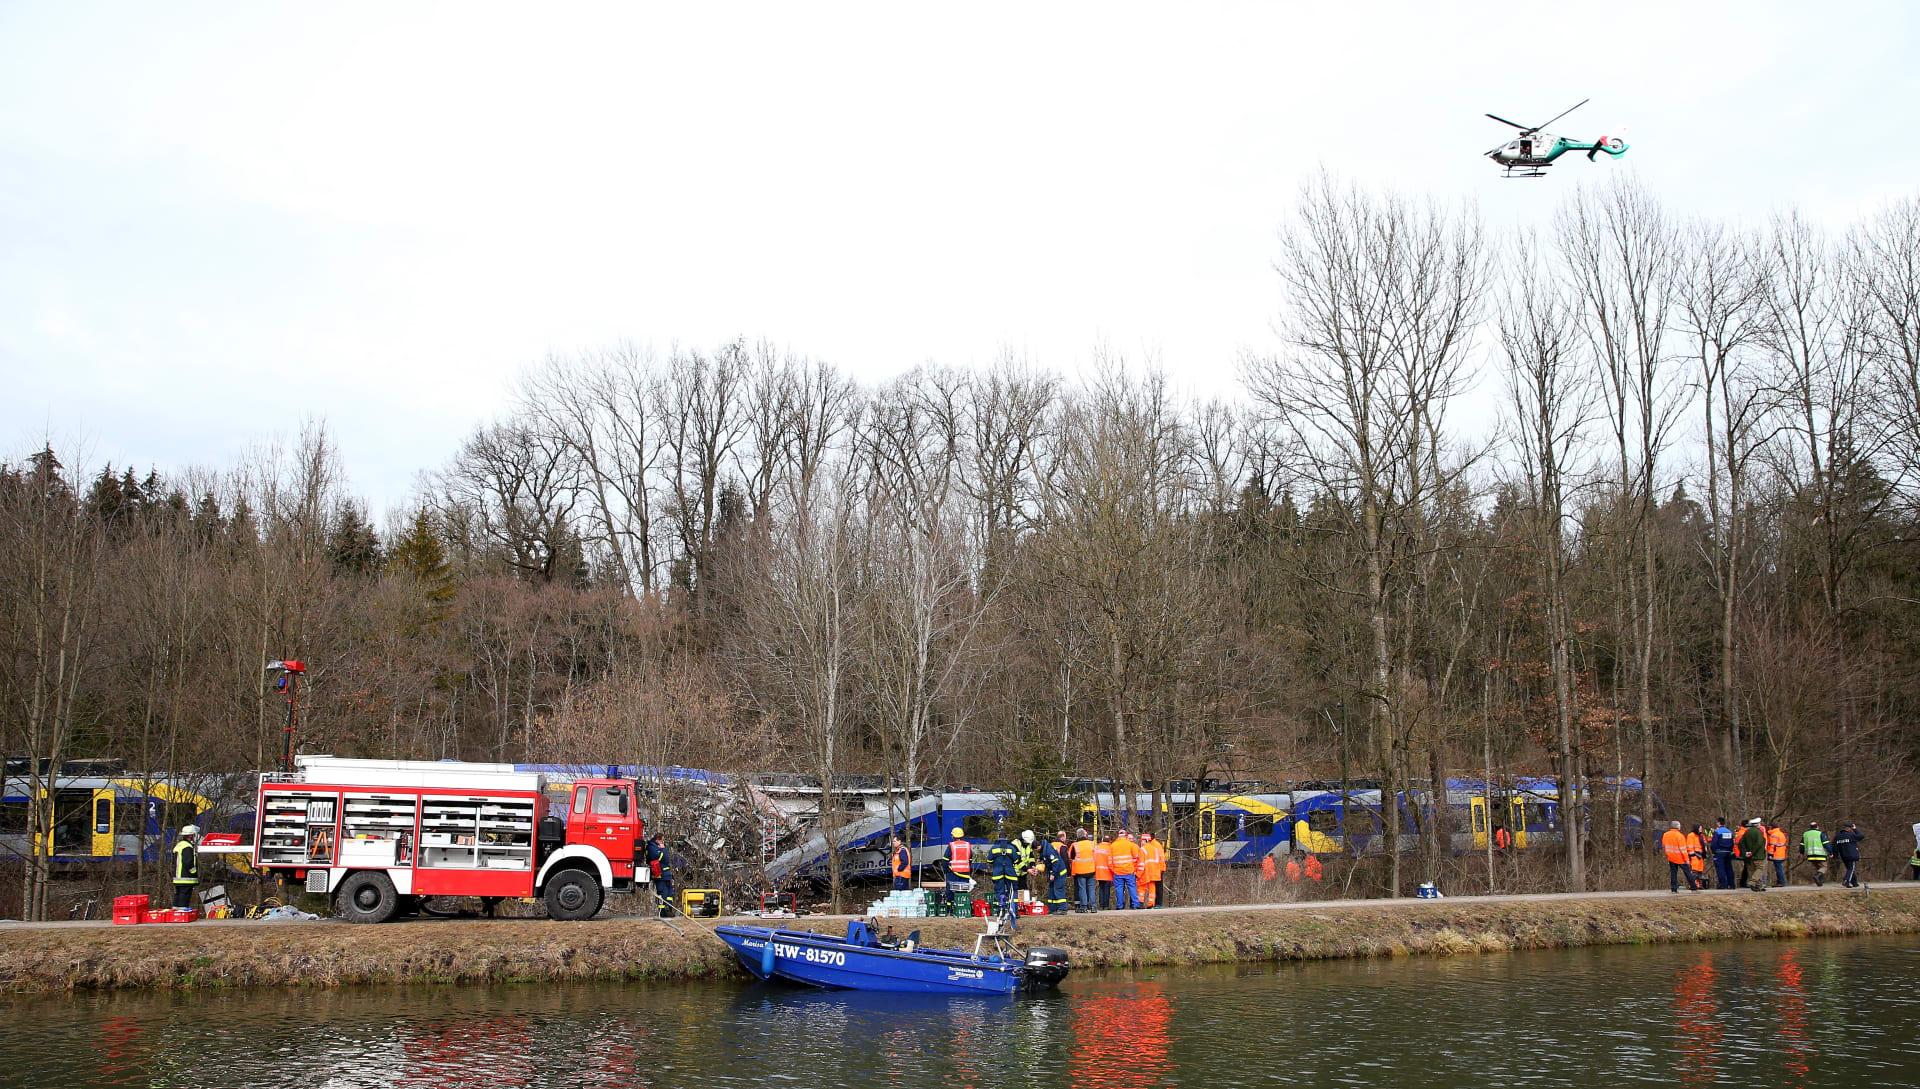 ألمانيا: ارتفاع عدد قتلى حادث تصادم القطارين إلى 10 وإصابة 63 آخرين بجروح